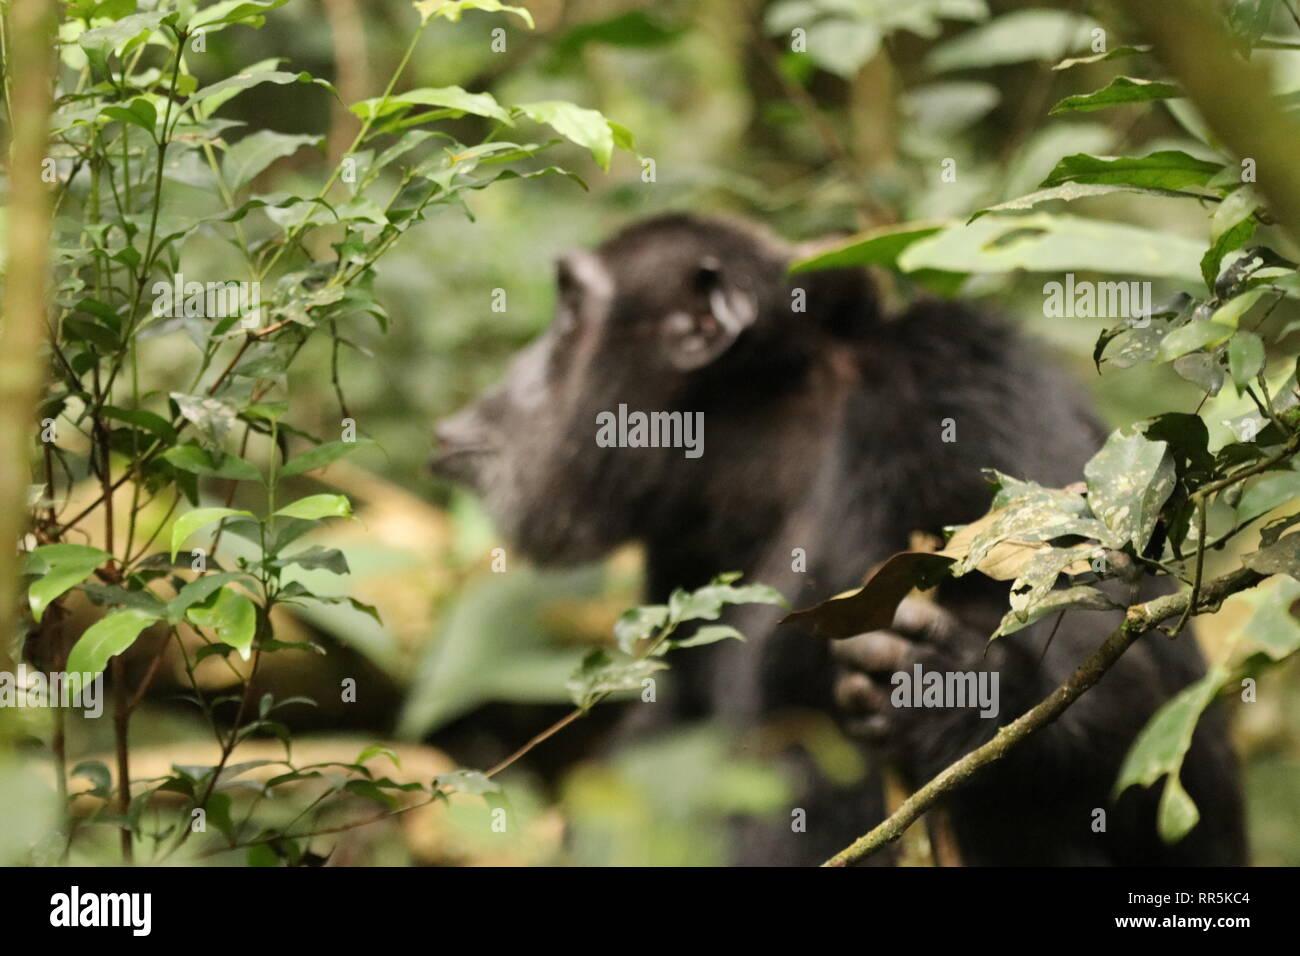 Wilde Schimpansen in freier Wildbahn, Kibale Forest Nationalpark in Uganda (Ostafrika) bei einer Wanderung durch den Wald, Heimat der Schimpansen Stockbild